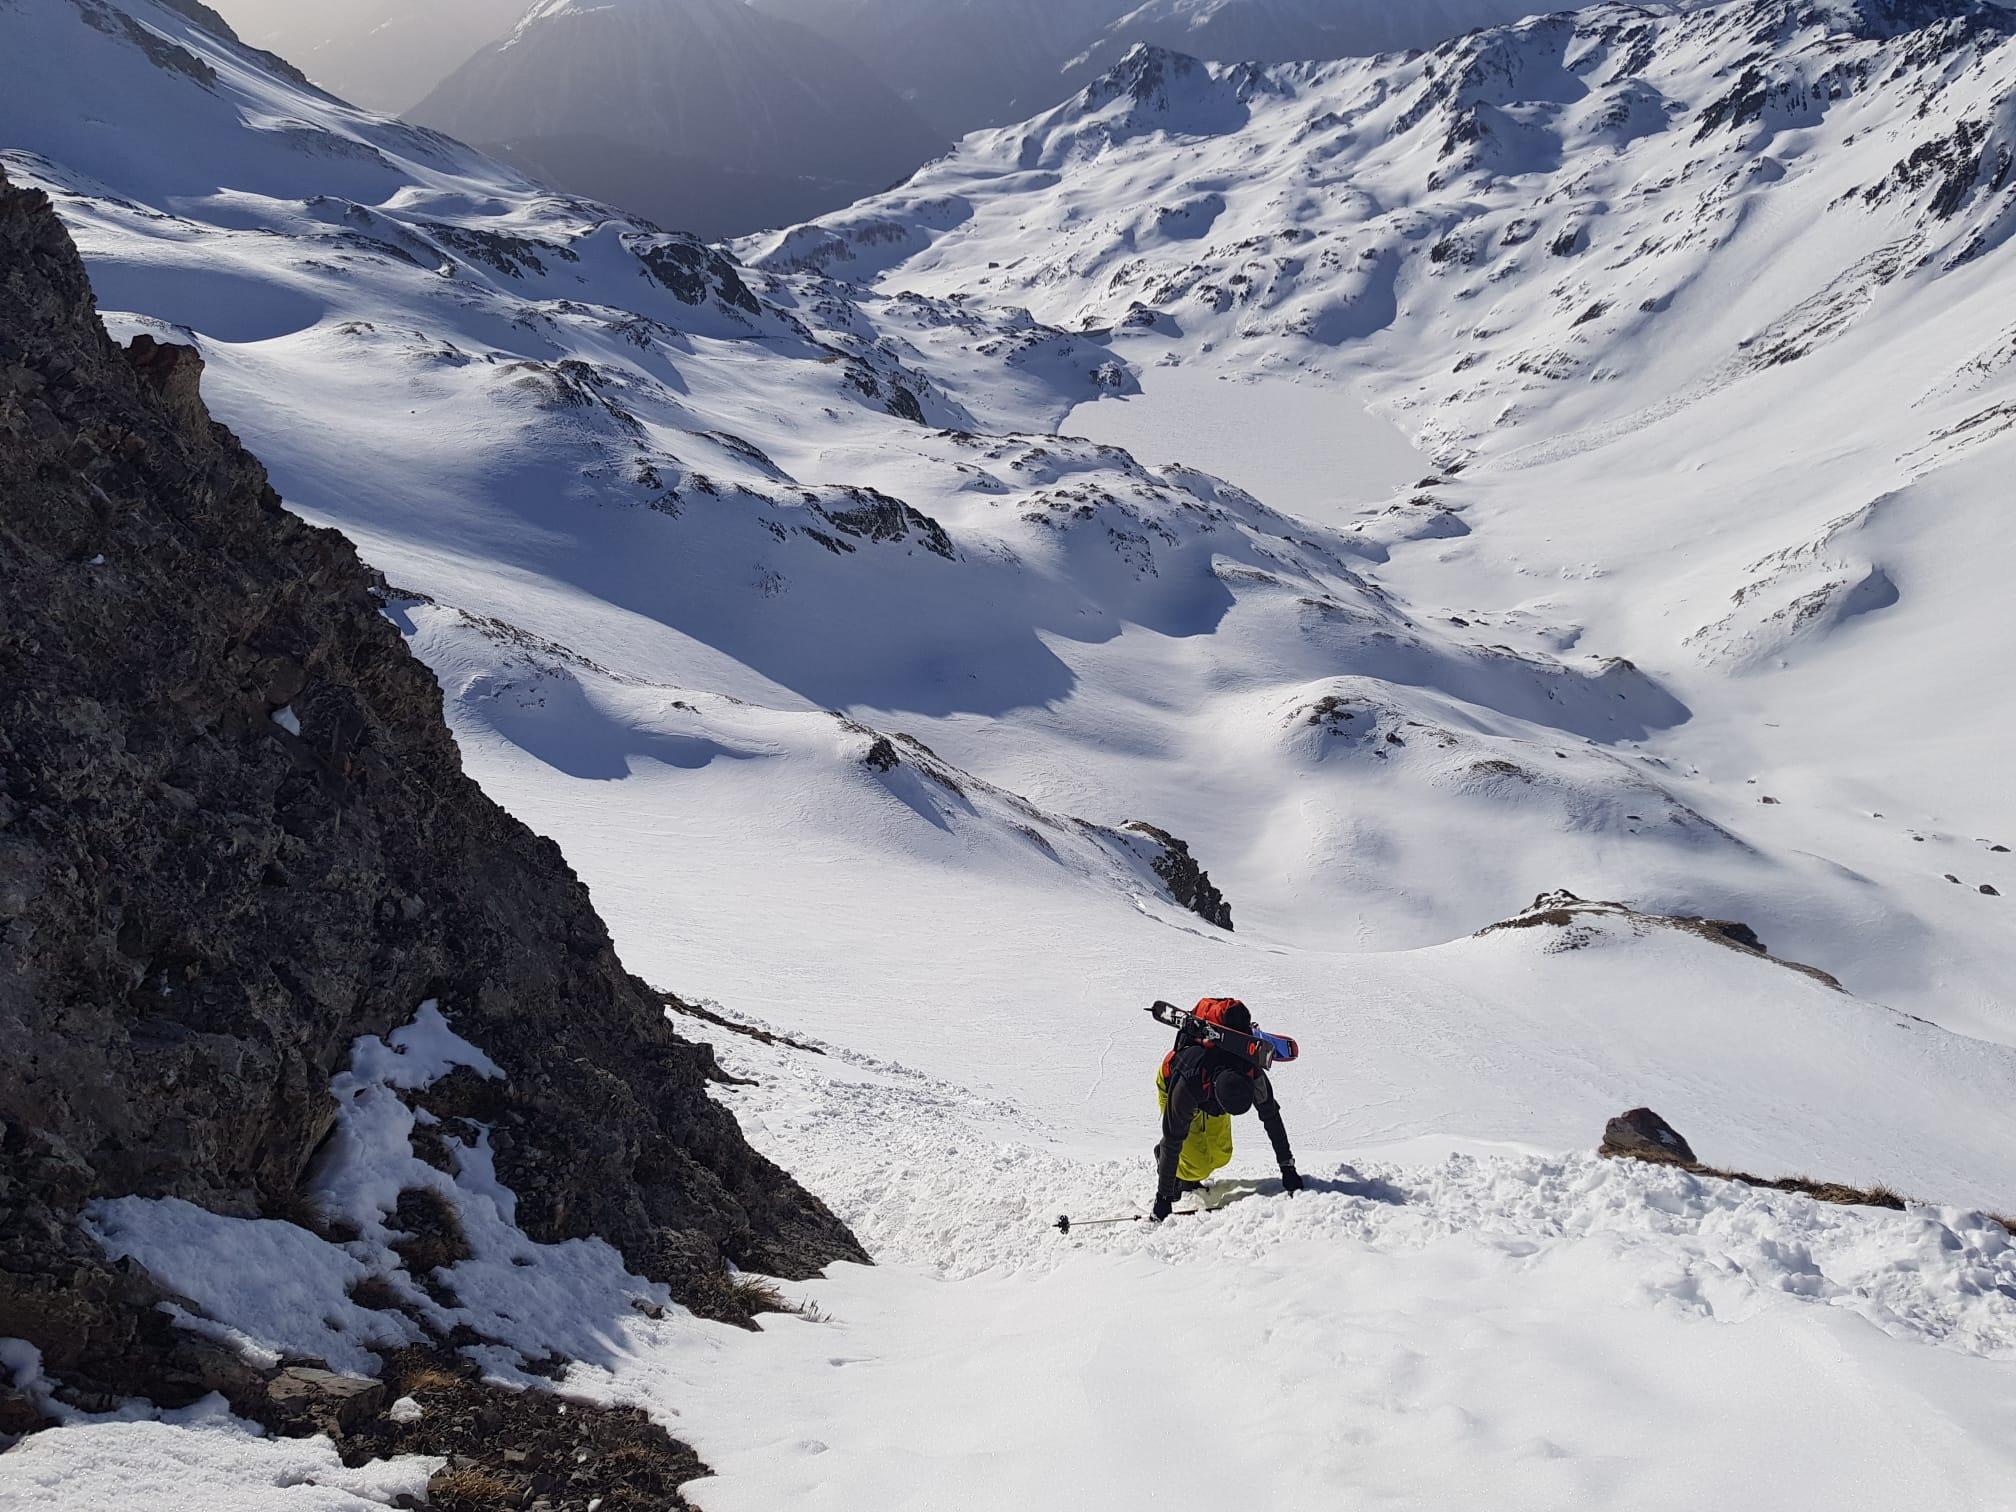 The Ice wall to summit, Villars